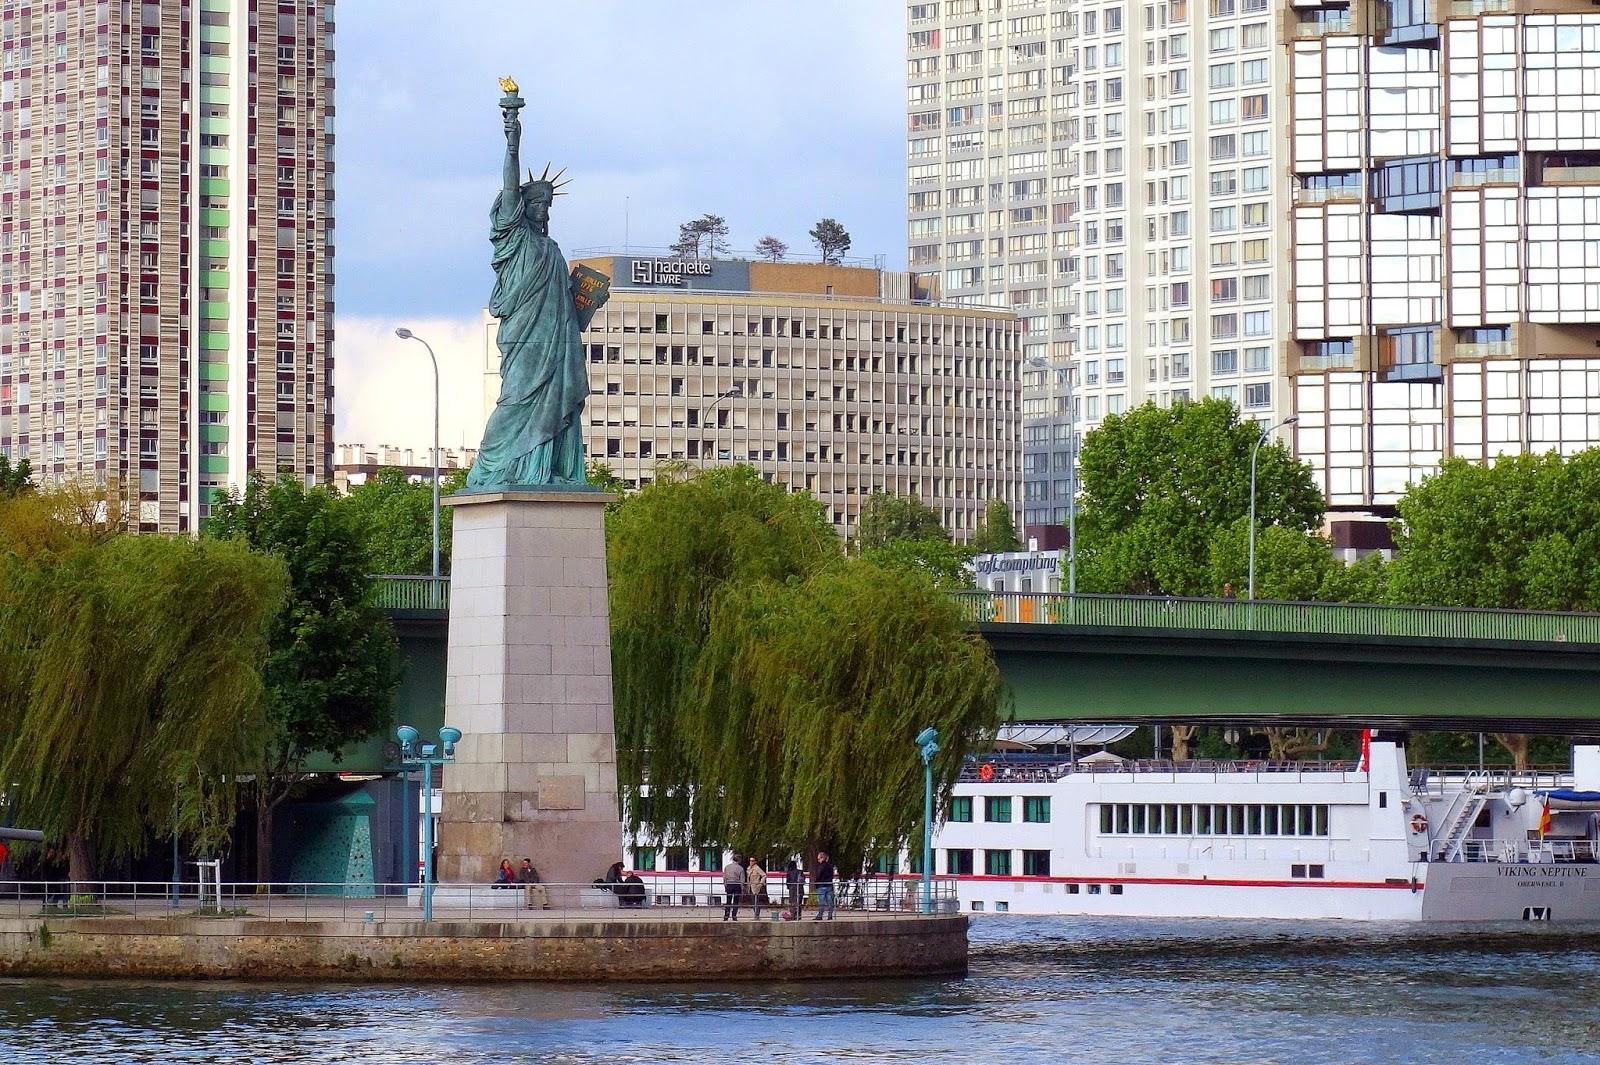 Top Paris : Statues de la Liberté, les cinq parisiennes | Paris la douce FN98